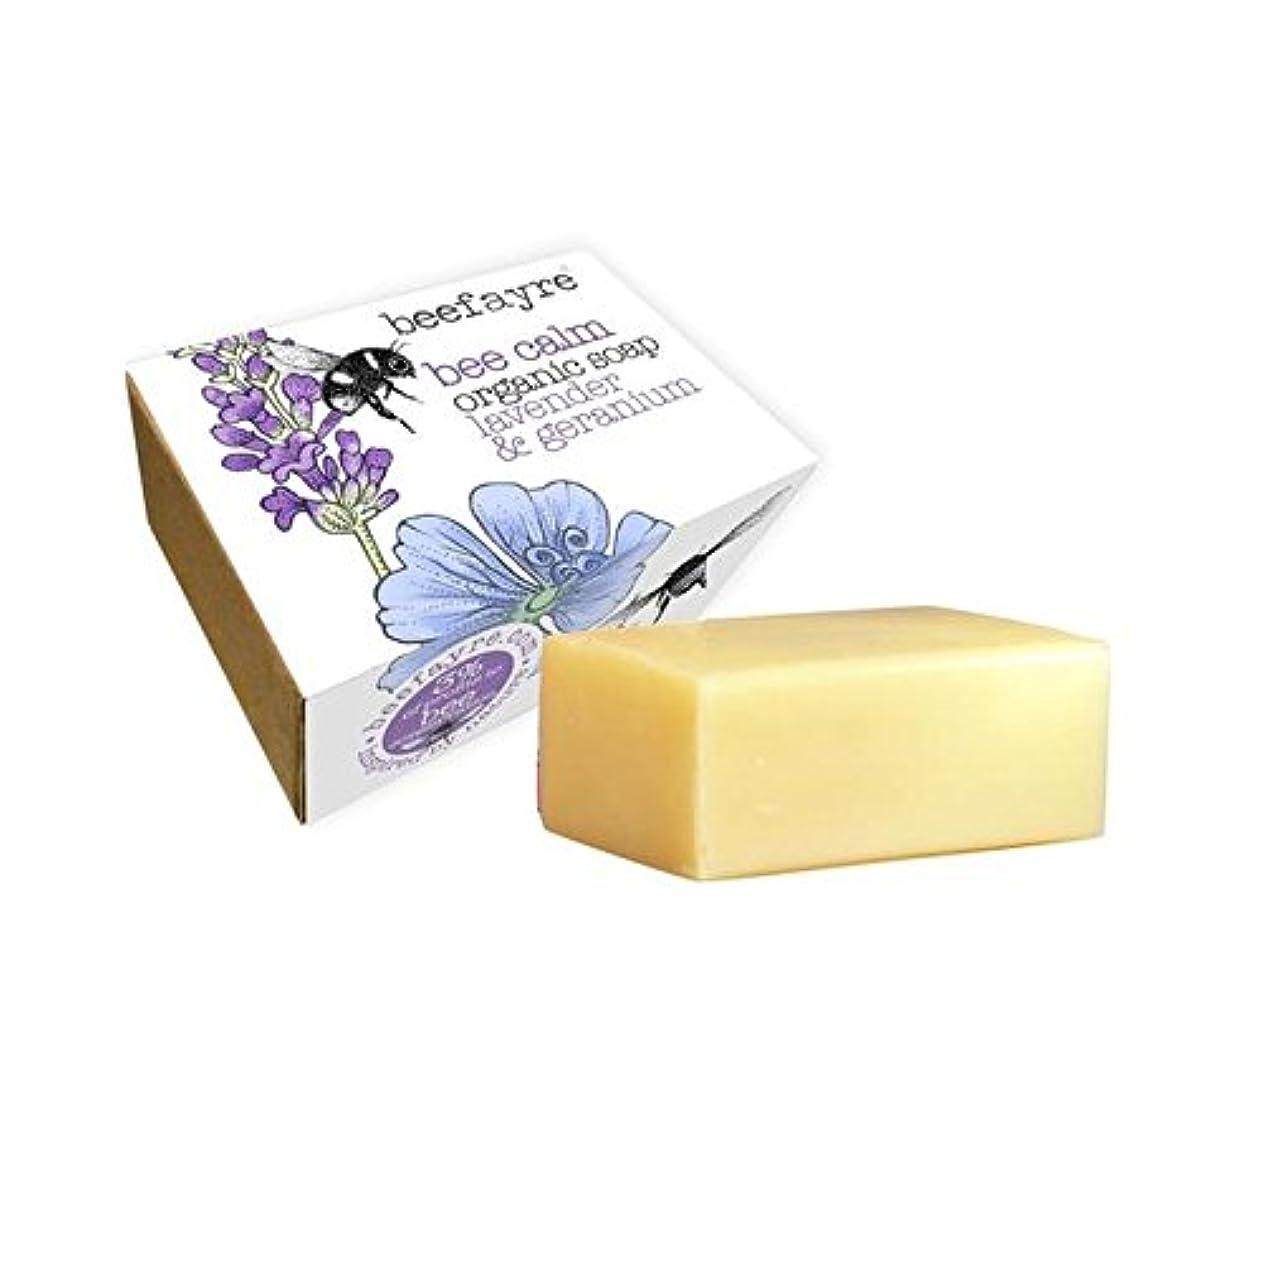 勝利知的メロディー有機ゼラニウム&ラベンダー石鹸 x2 - Beefayre Organic Geranium & Lavender Soap (Pack of 2) [並行輸入品]